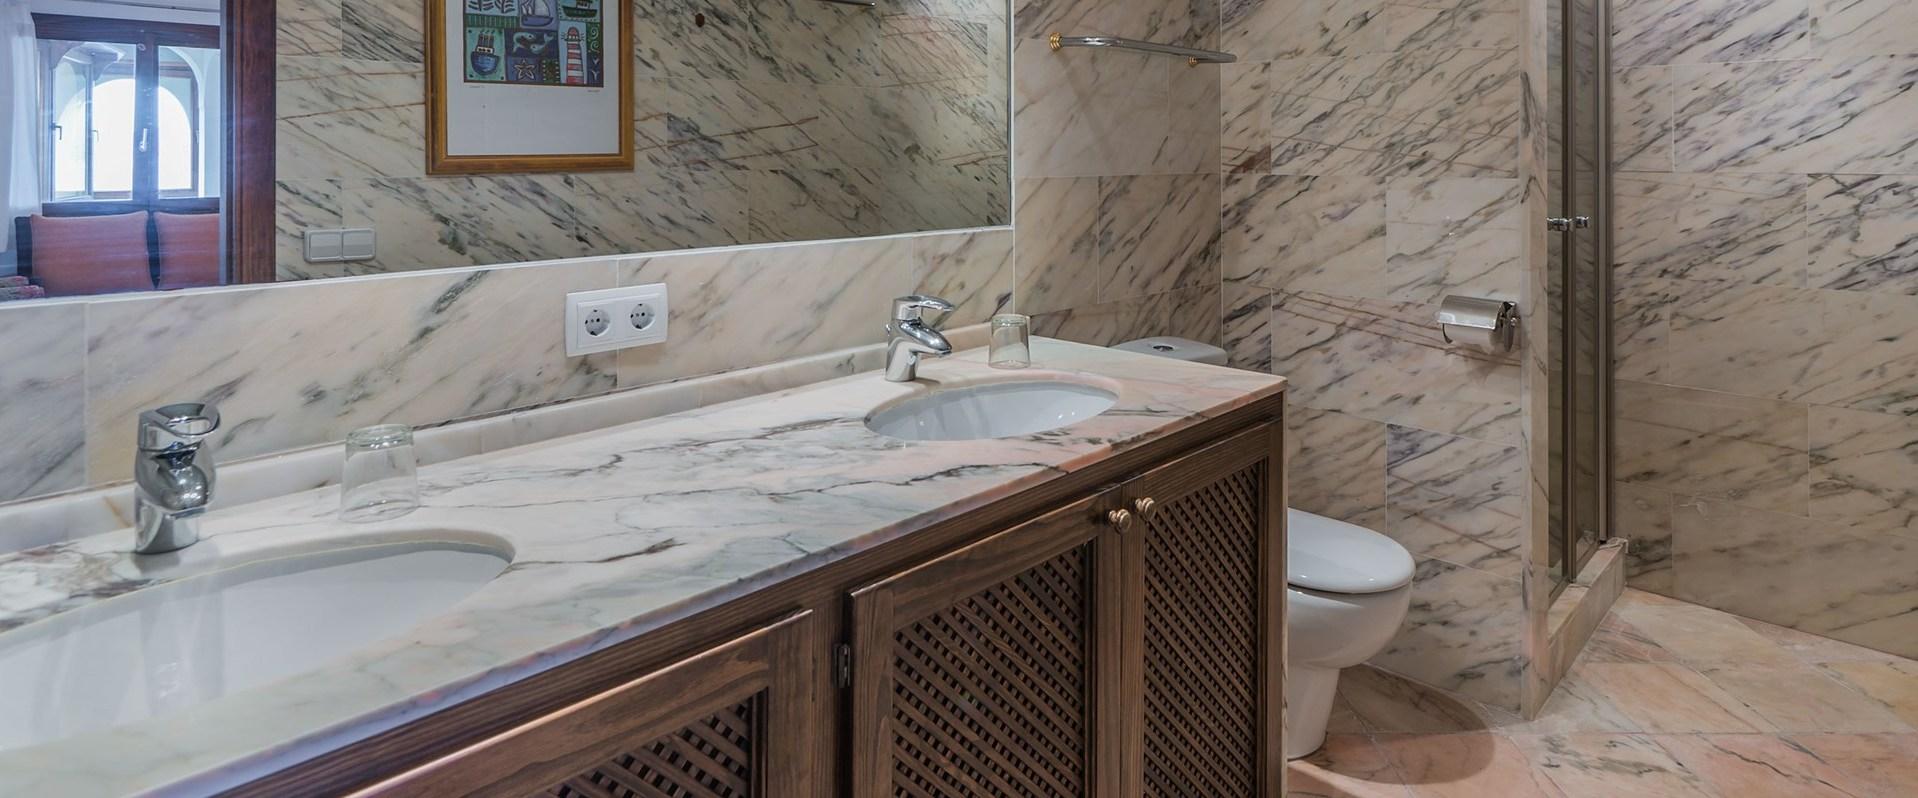 villa-el-mirador-marble-en-suite